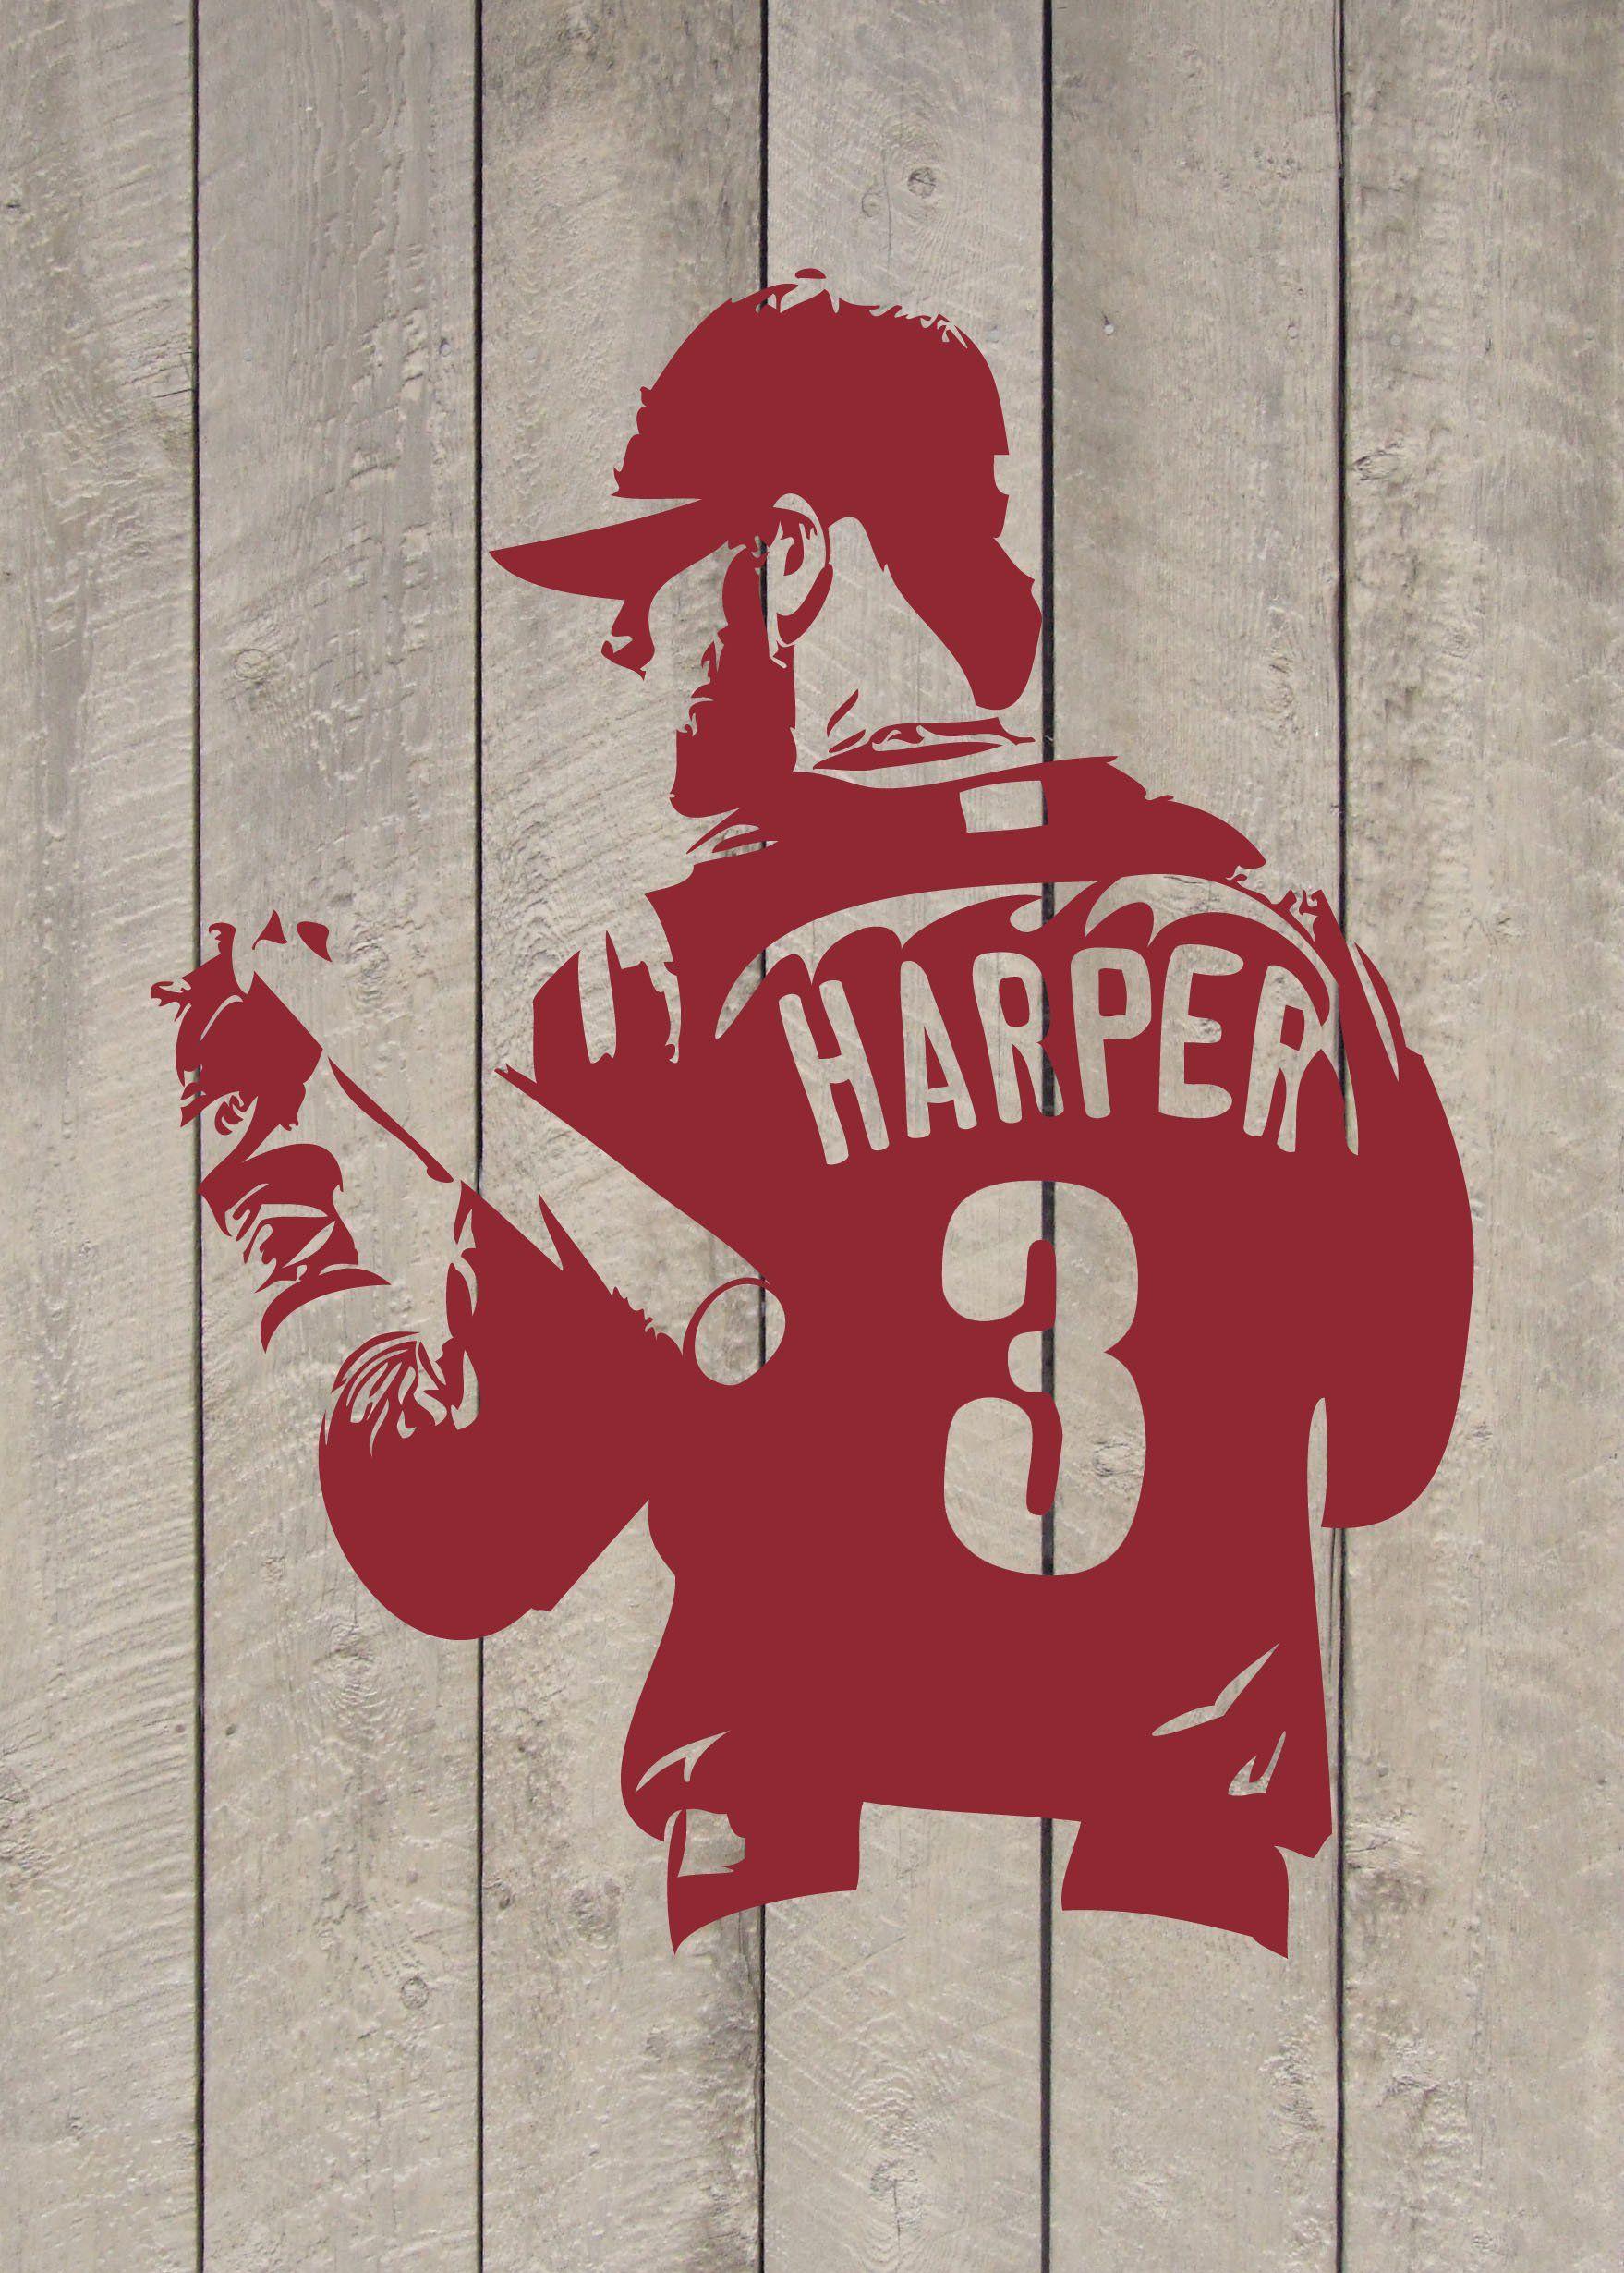 Bryce Harper Philadelphia Phillies Baseball Vinyl Wall Decal Etsy Phillies Baseball Philadelphia Phillies Baseball Philadelphia Phillies